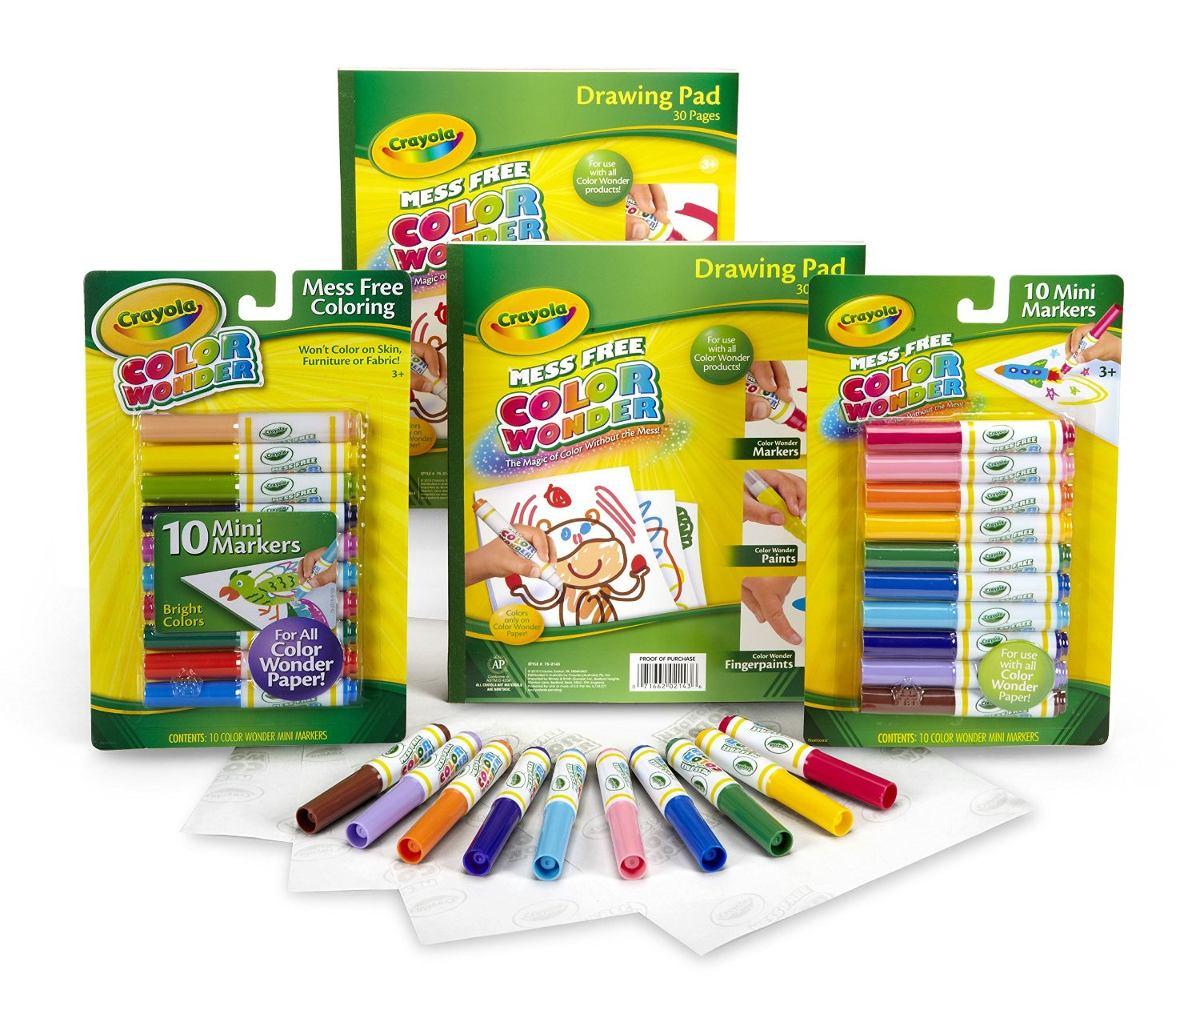 Fein Www Crayola Galerie - Druckbare Malvorlagen - helmymaher.com